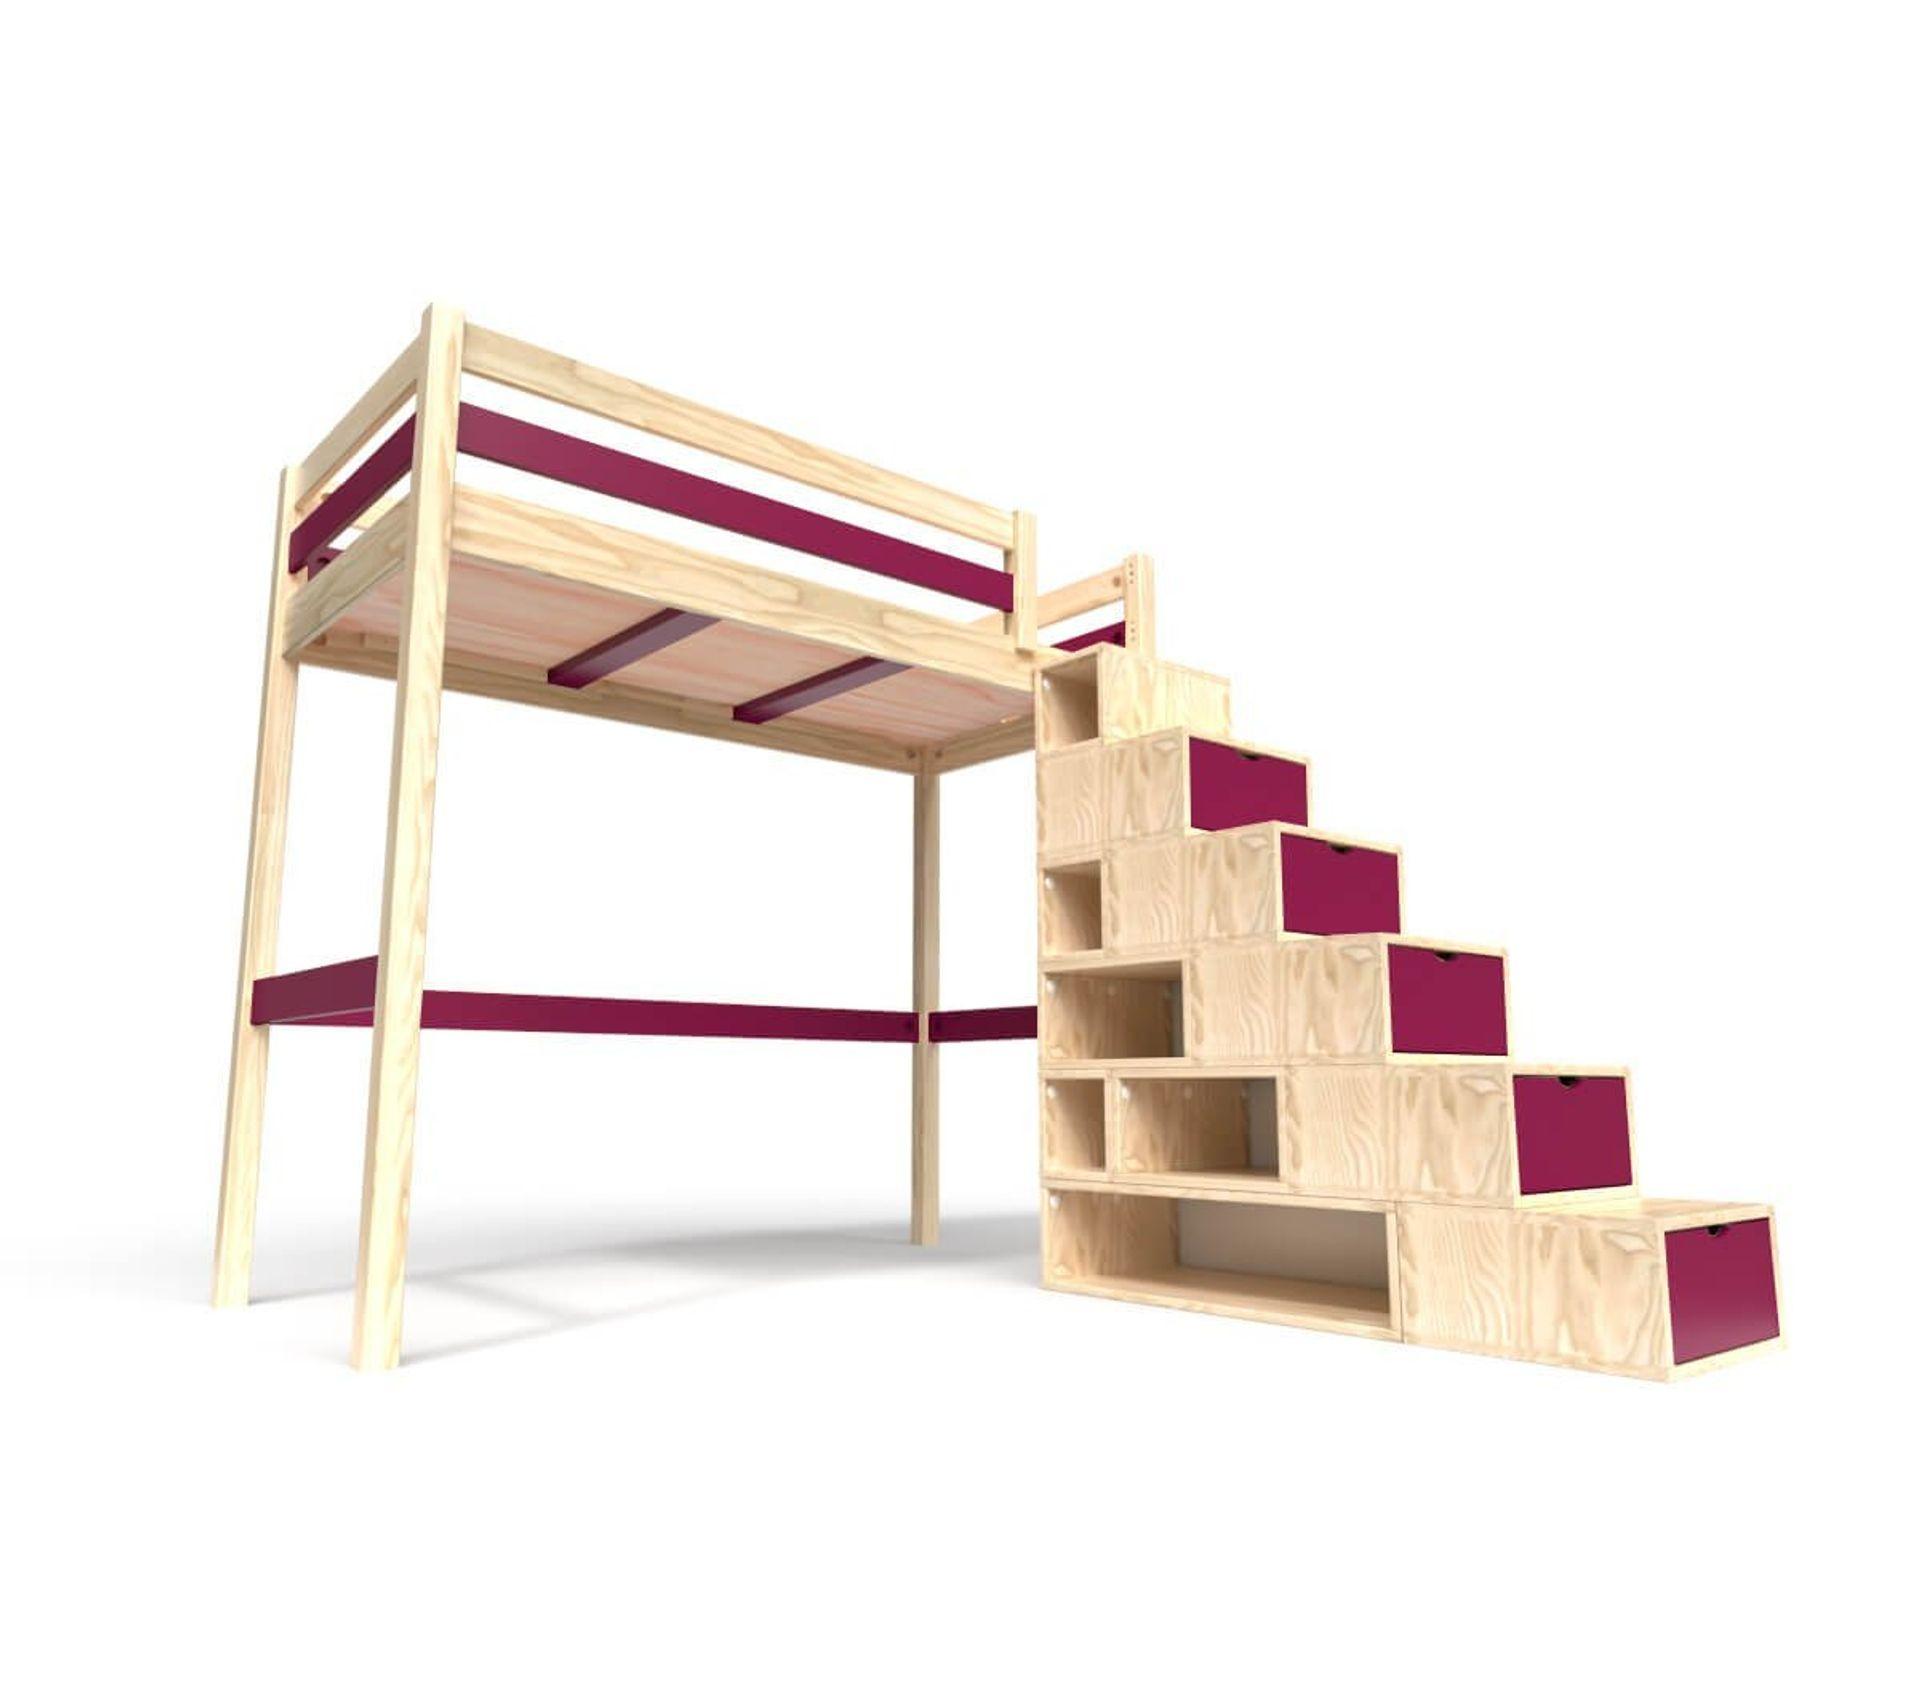 Lit Mezzanine Escalier Cube lit mezzanine sylvia avec escalier cube bois, couleur: vernis  naturel/prune, dimensions: 90x200